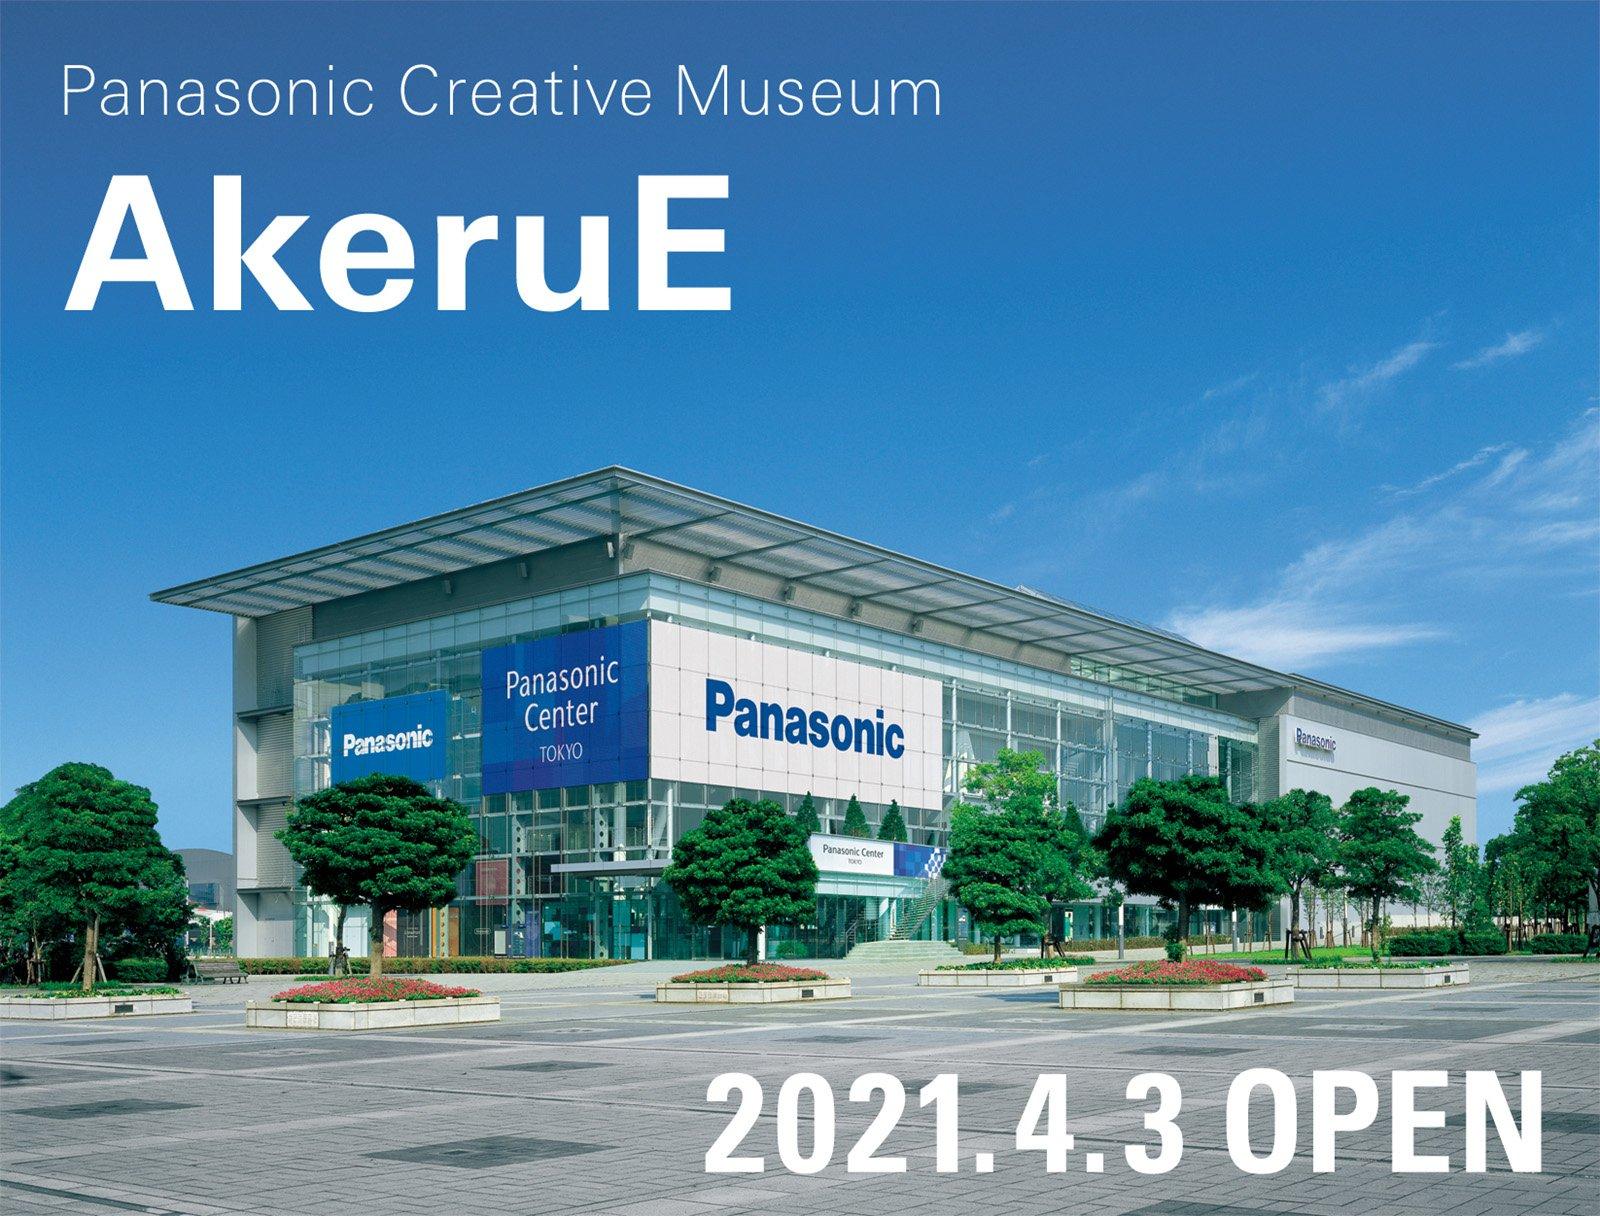 Photo: Panasonic's creative museum, AkeruE